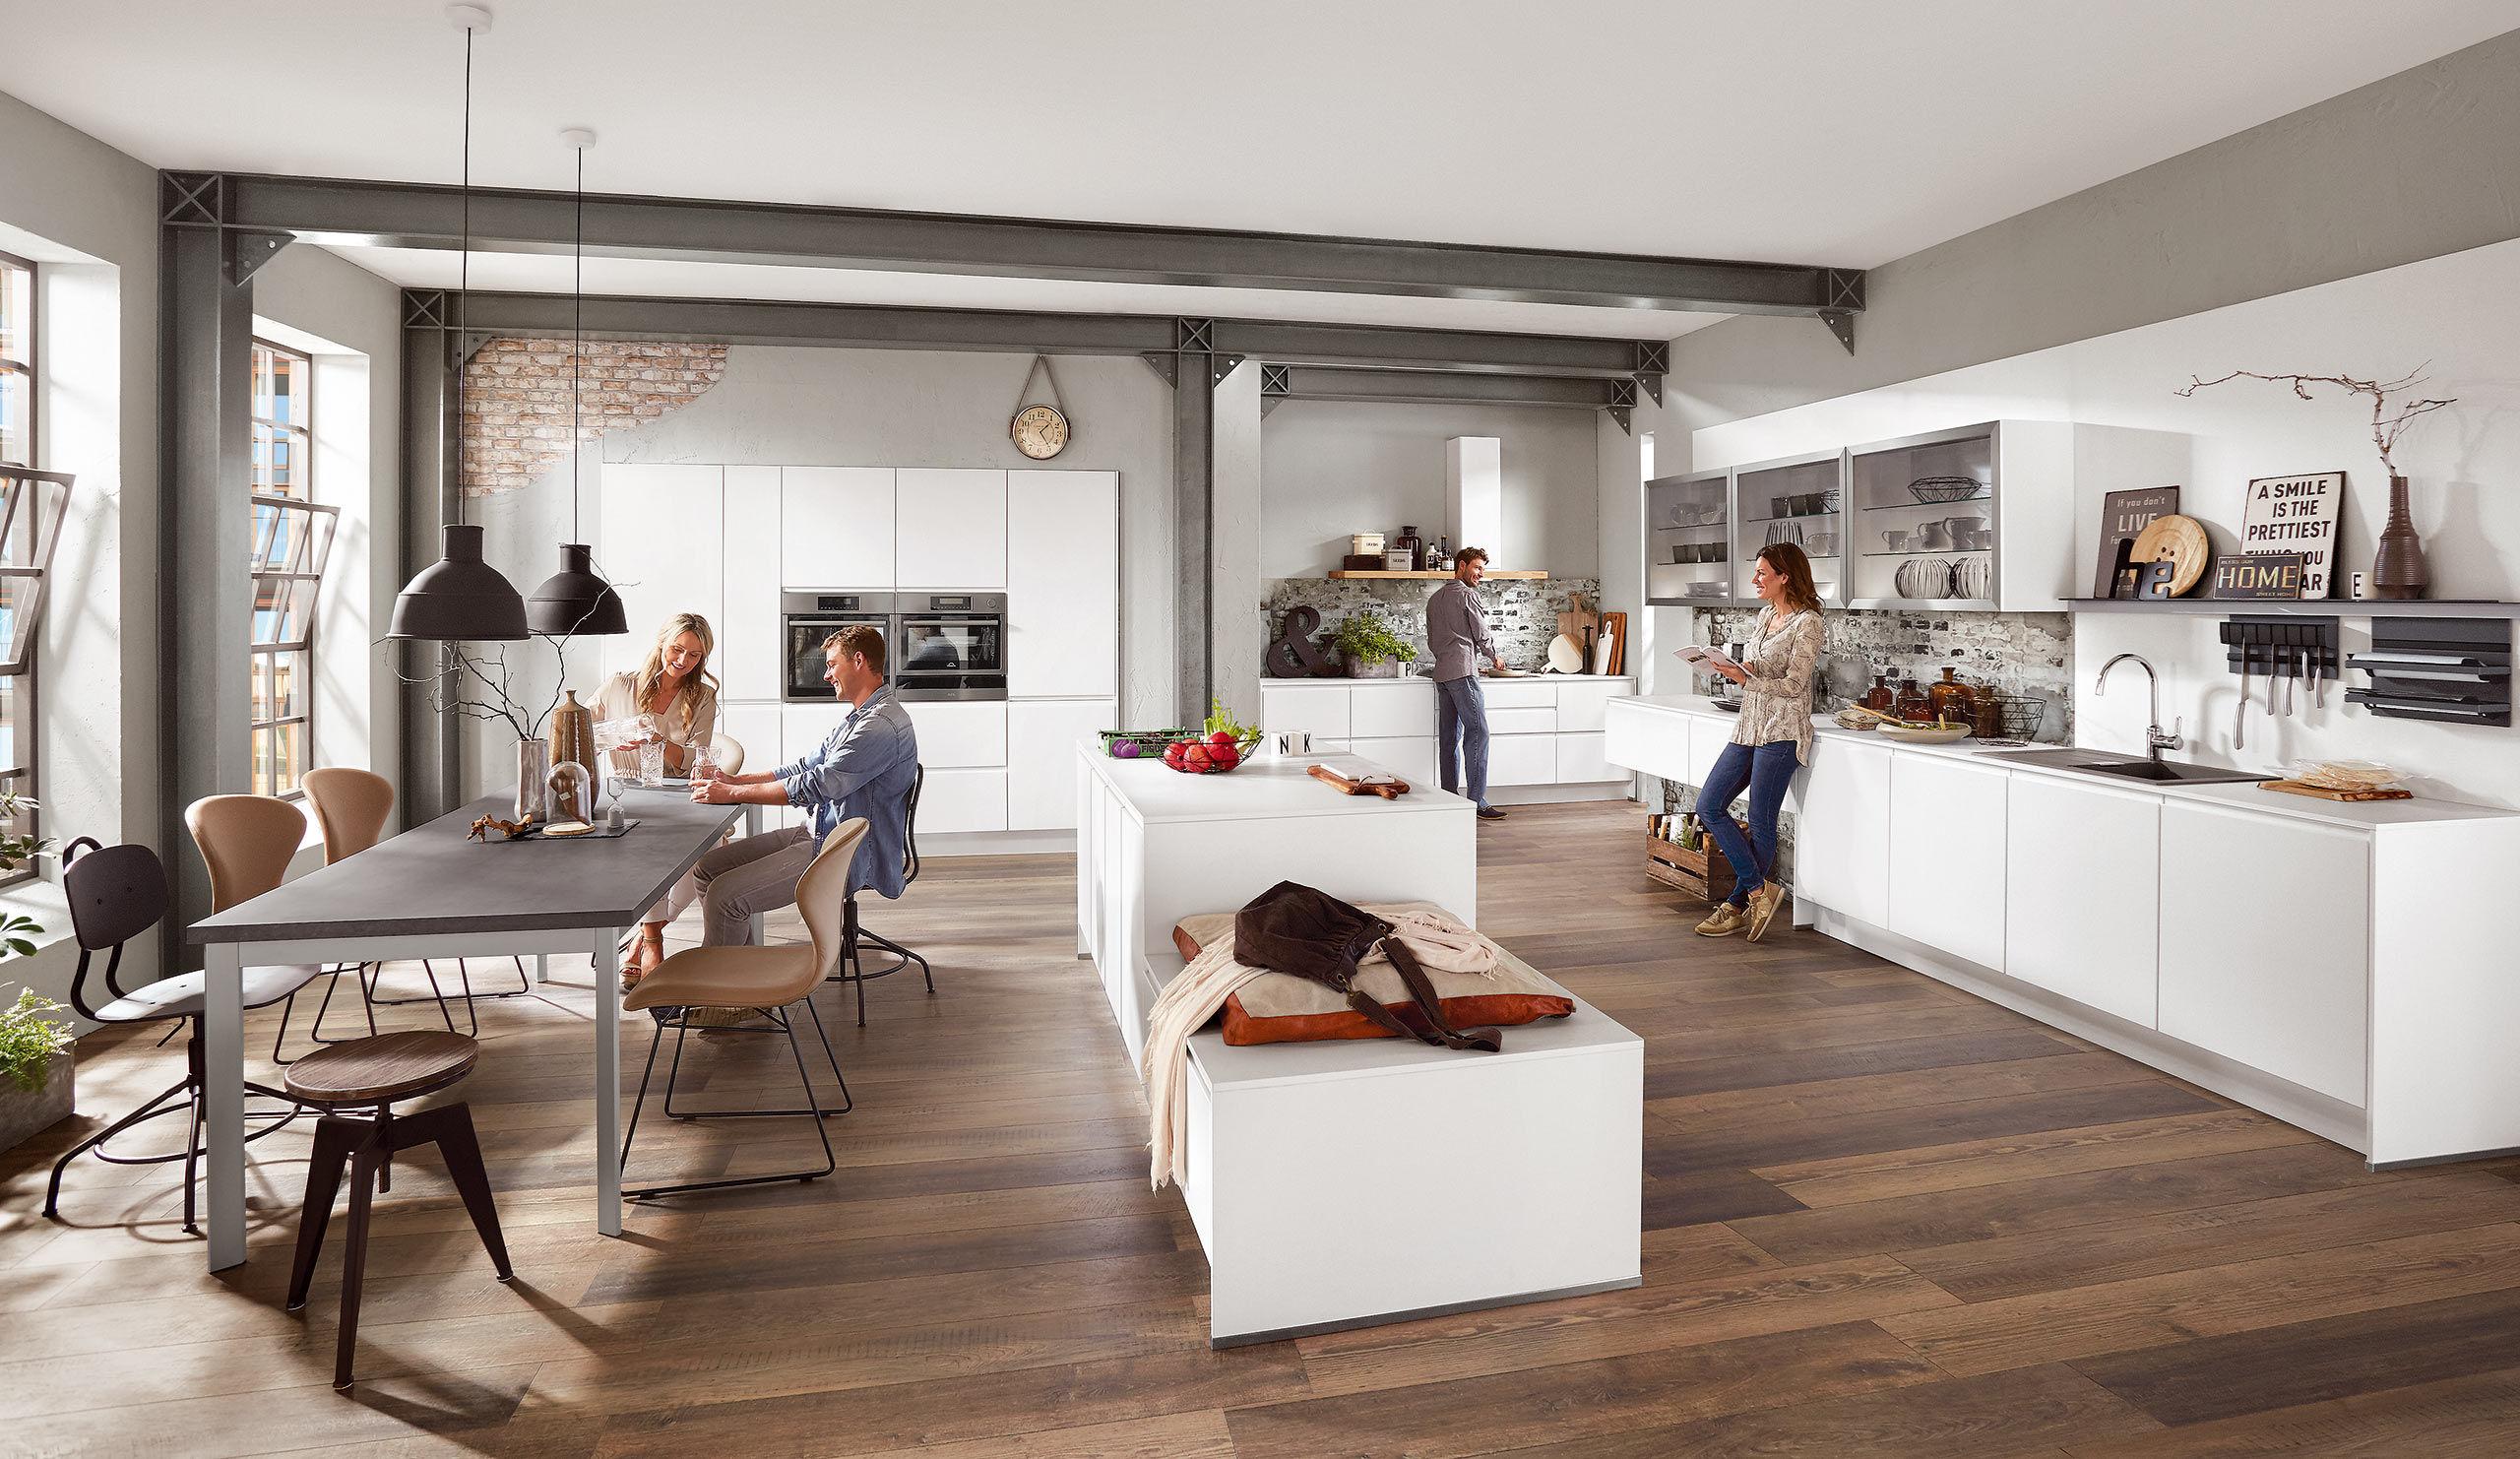 Full Size of Küche Selber Planen Und Bauen Küche Selber Planen Online Kostenlos Küche Selber Planen Und Bestellen Küche Selber Planen Kostenlos Küche Küche Selber Planen